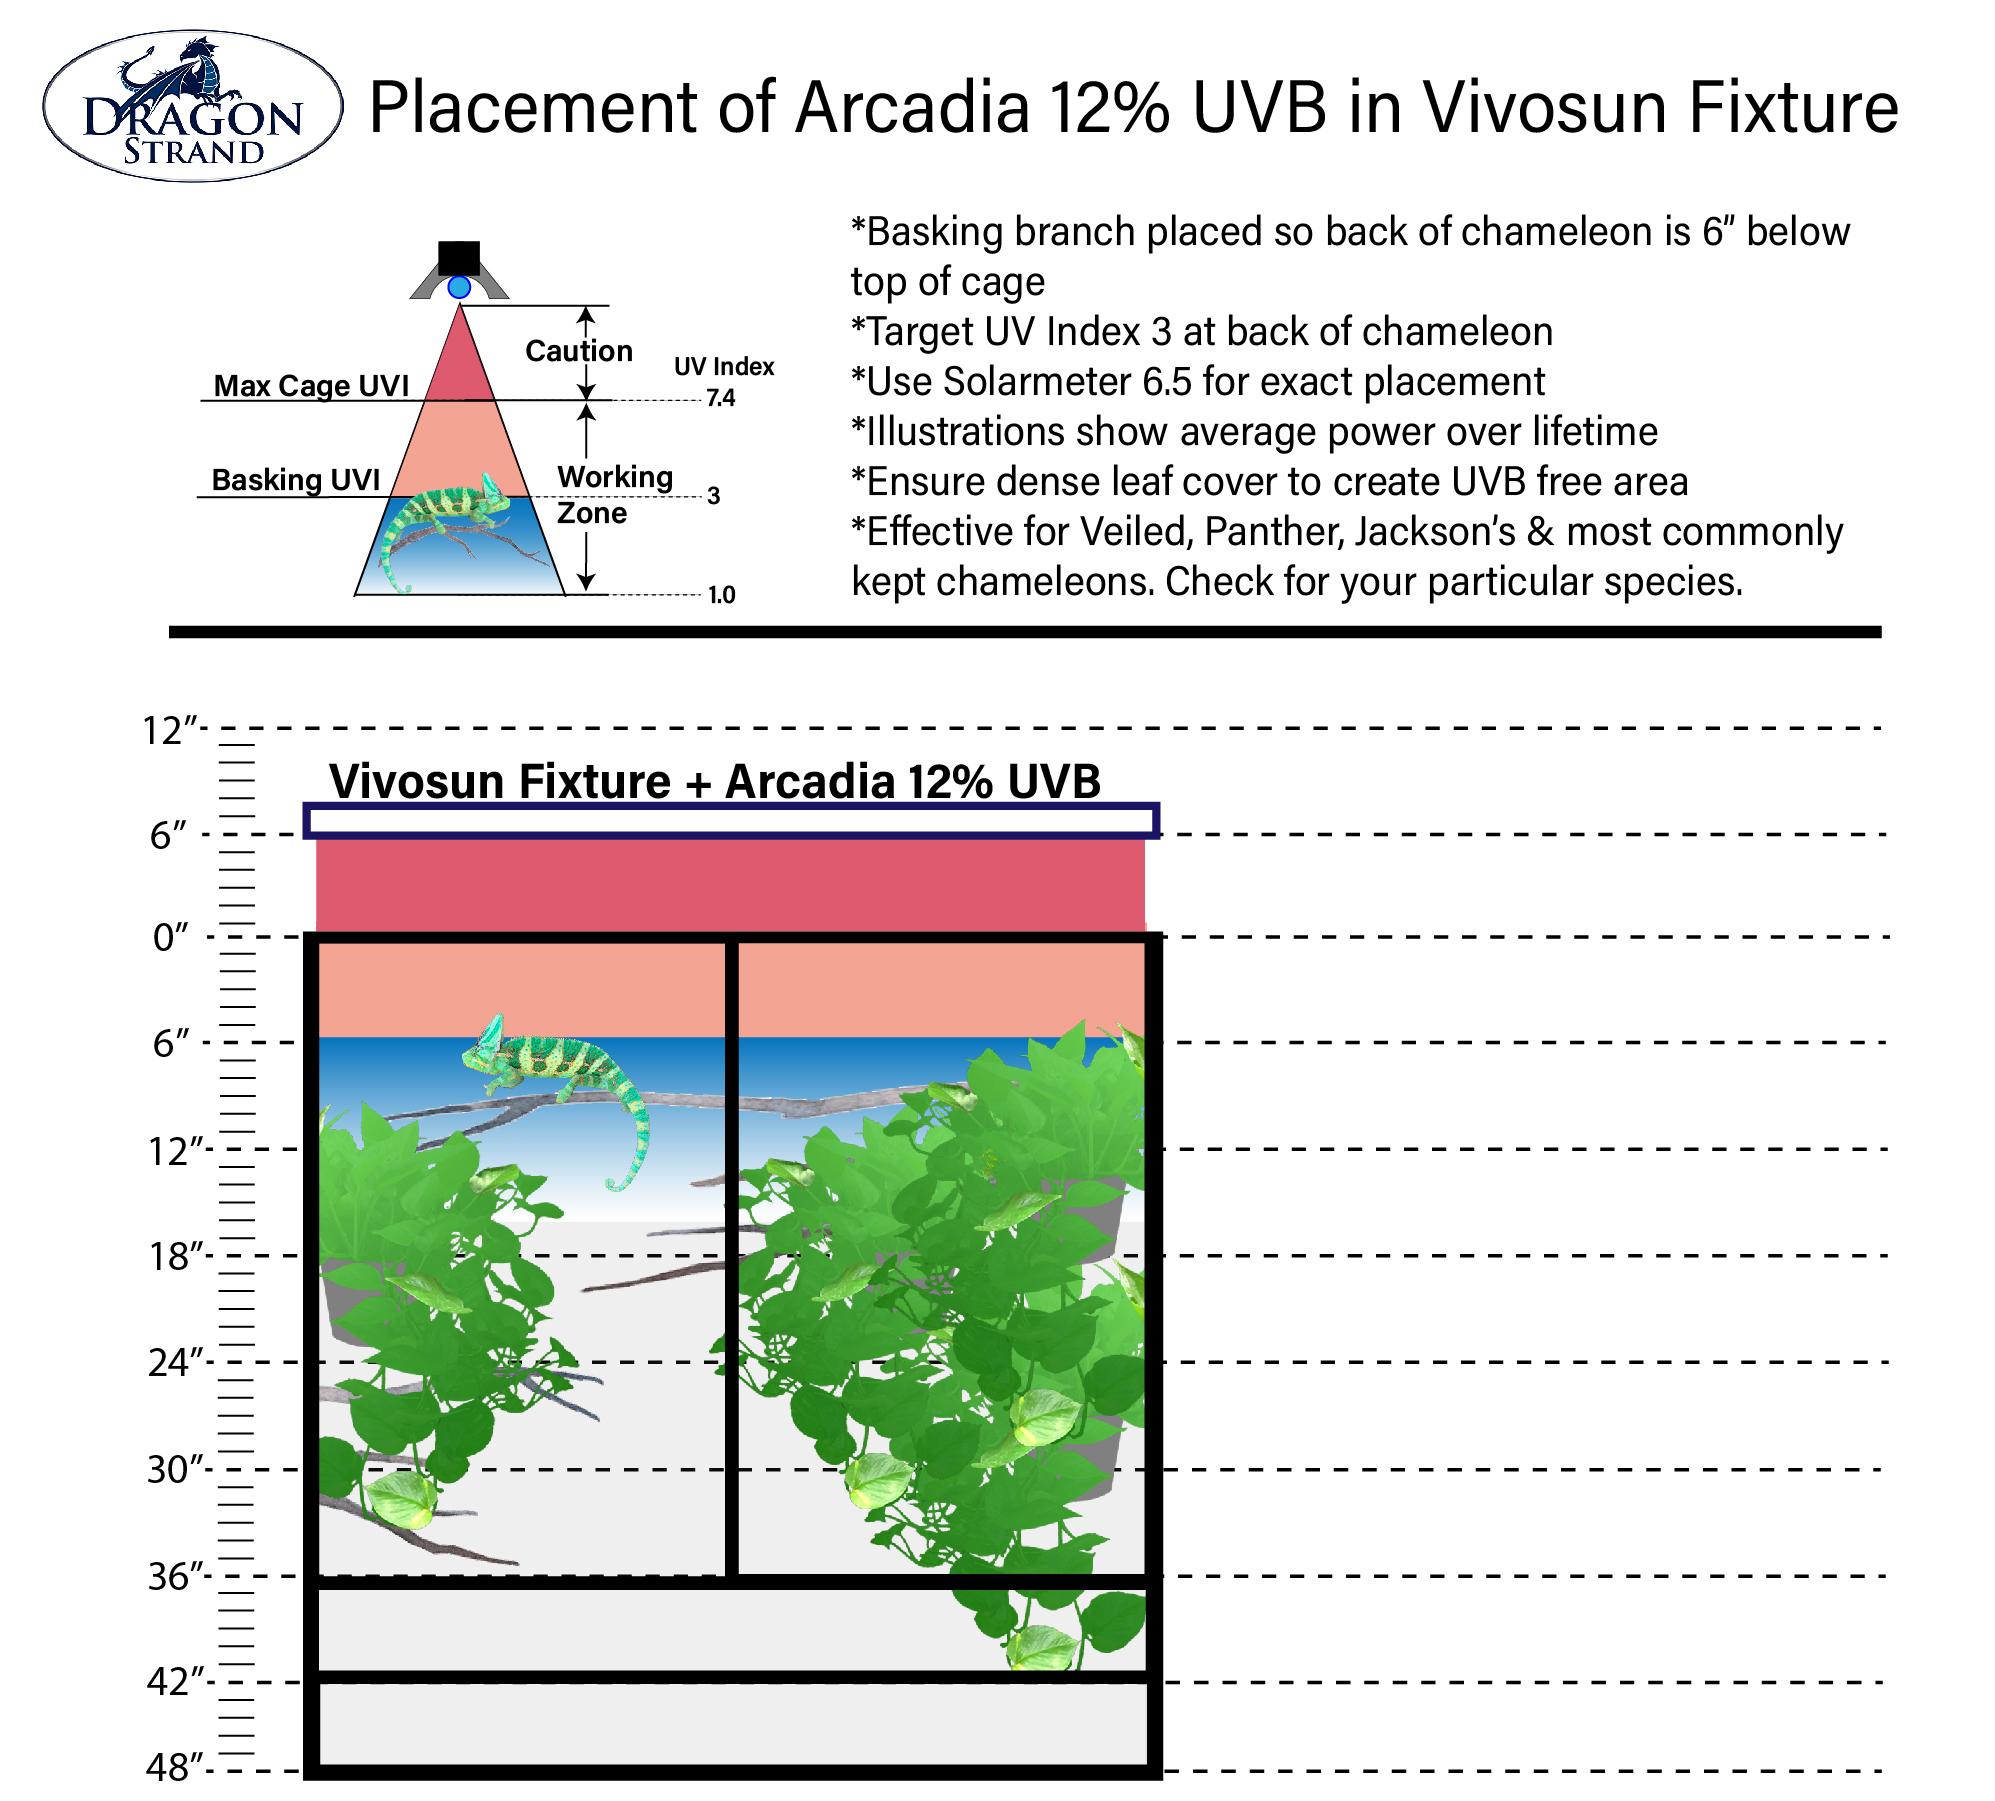 Large Atrium 12% UVB placement